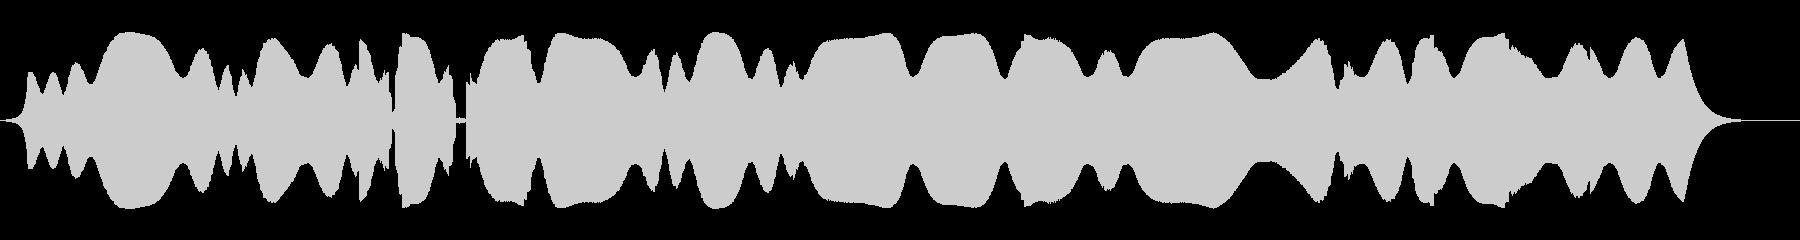 ピコピコ【SF風のコンピュータ・計算機】の未再生の波形